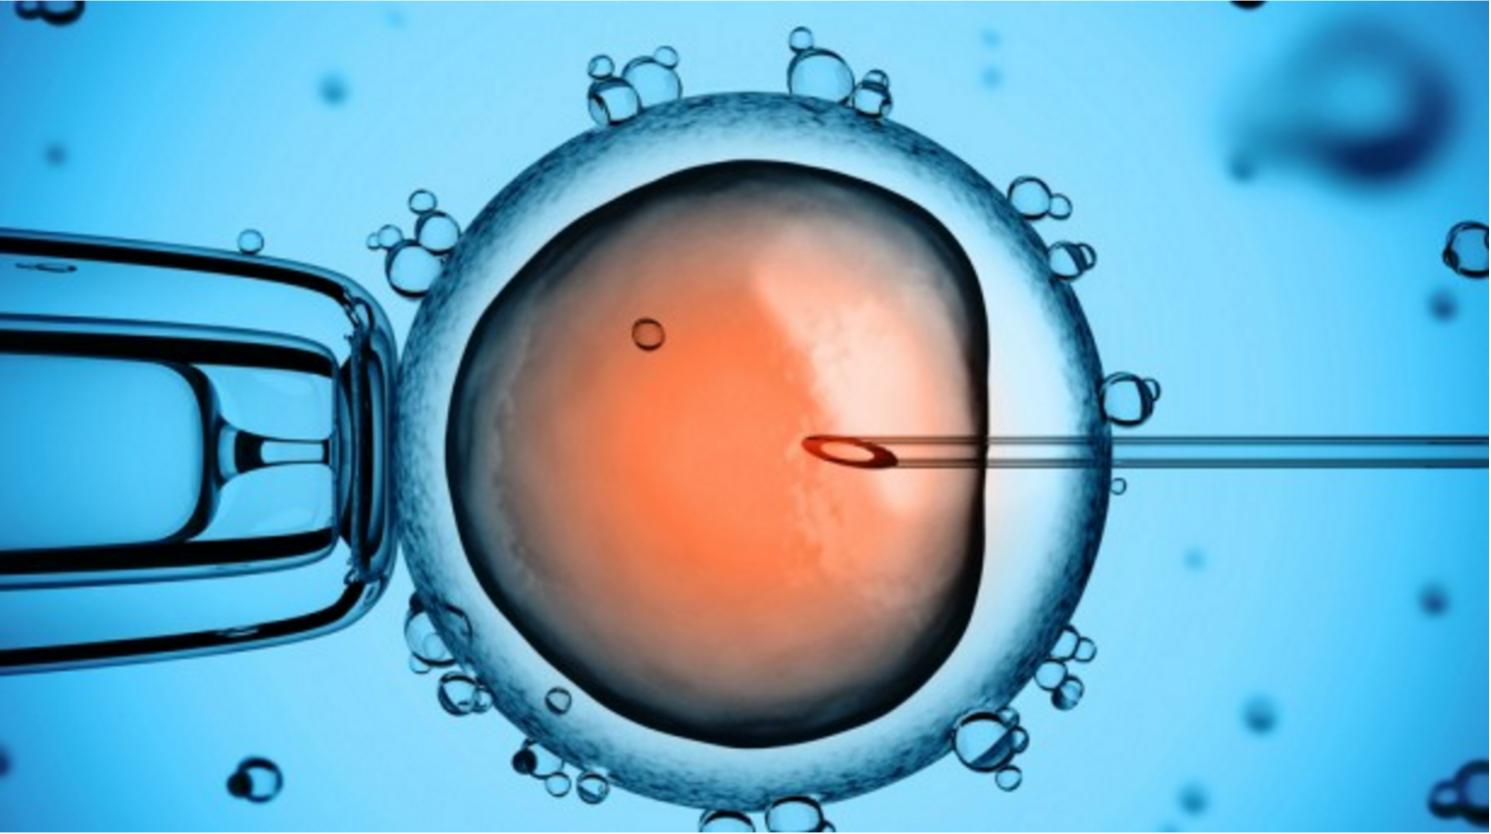 Thụ tinh nhân tạo, thụ tinh trong ống nghiệm mất bao lâu, giá bao nhiêu?